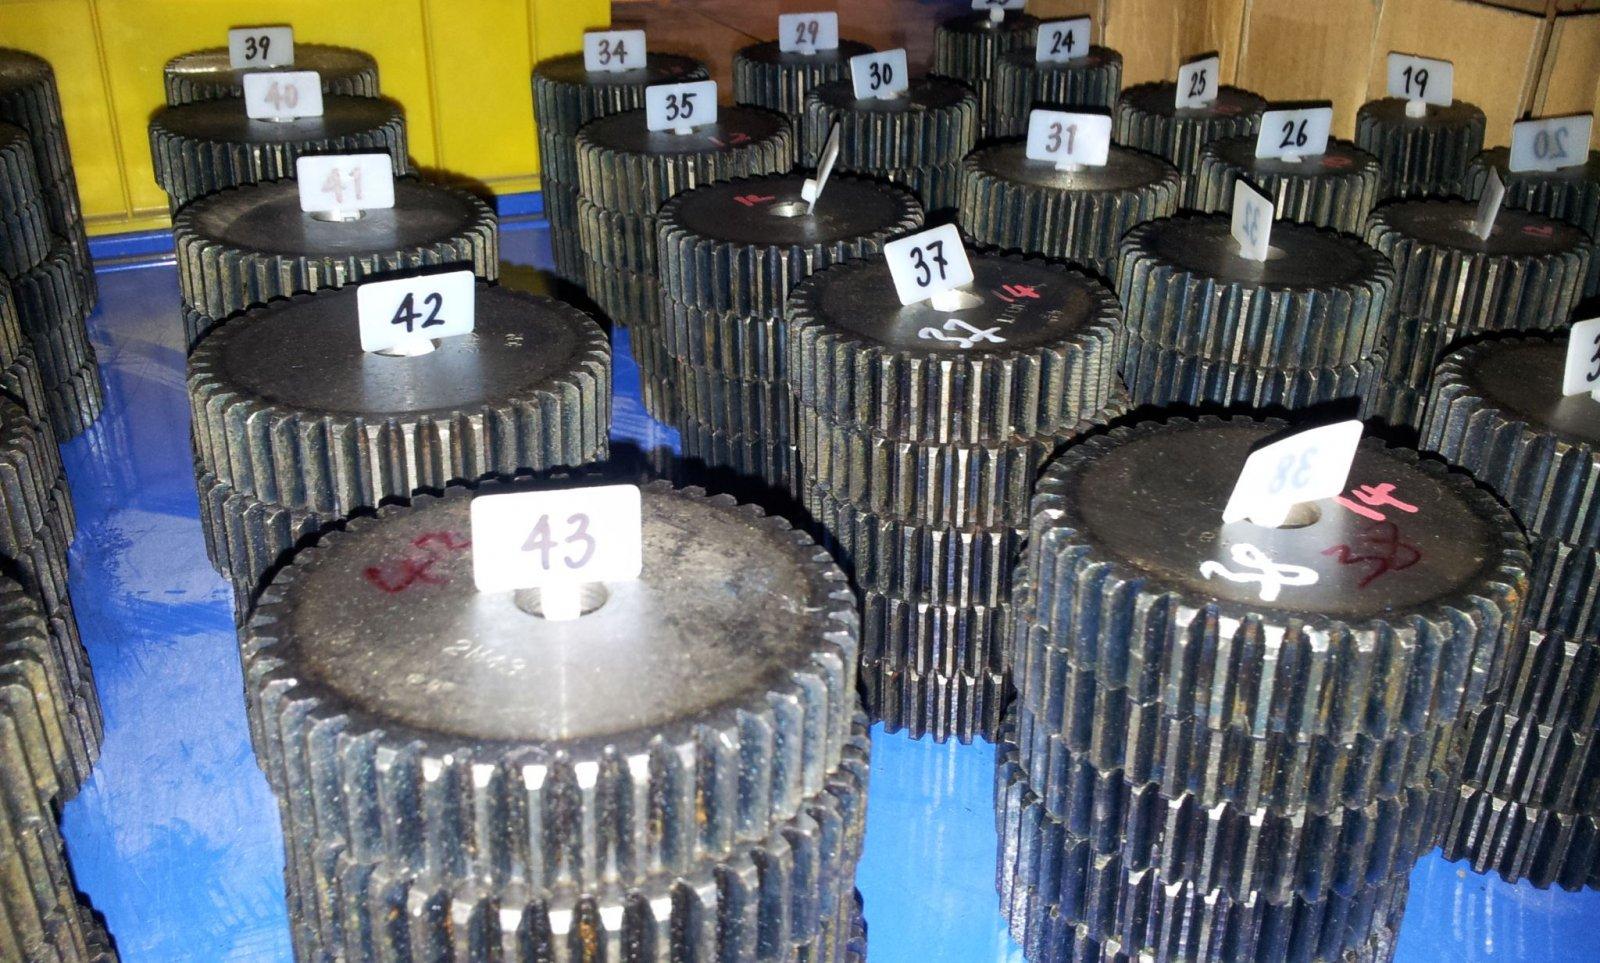 Zähnezahl 48 Material C45 ETZR-M3-48 Modul3 Mold3 Zahnrad